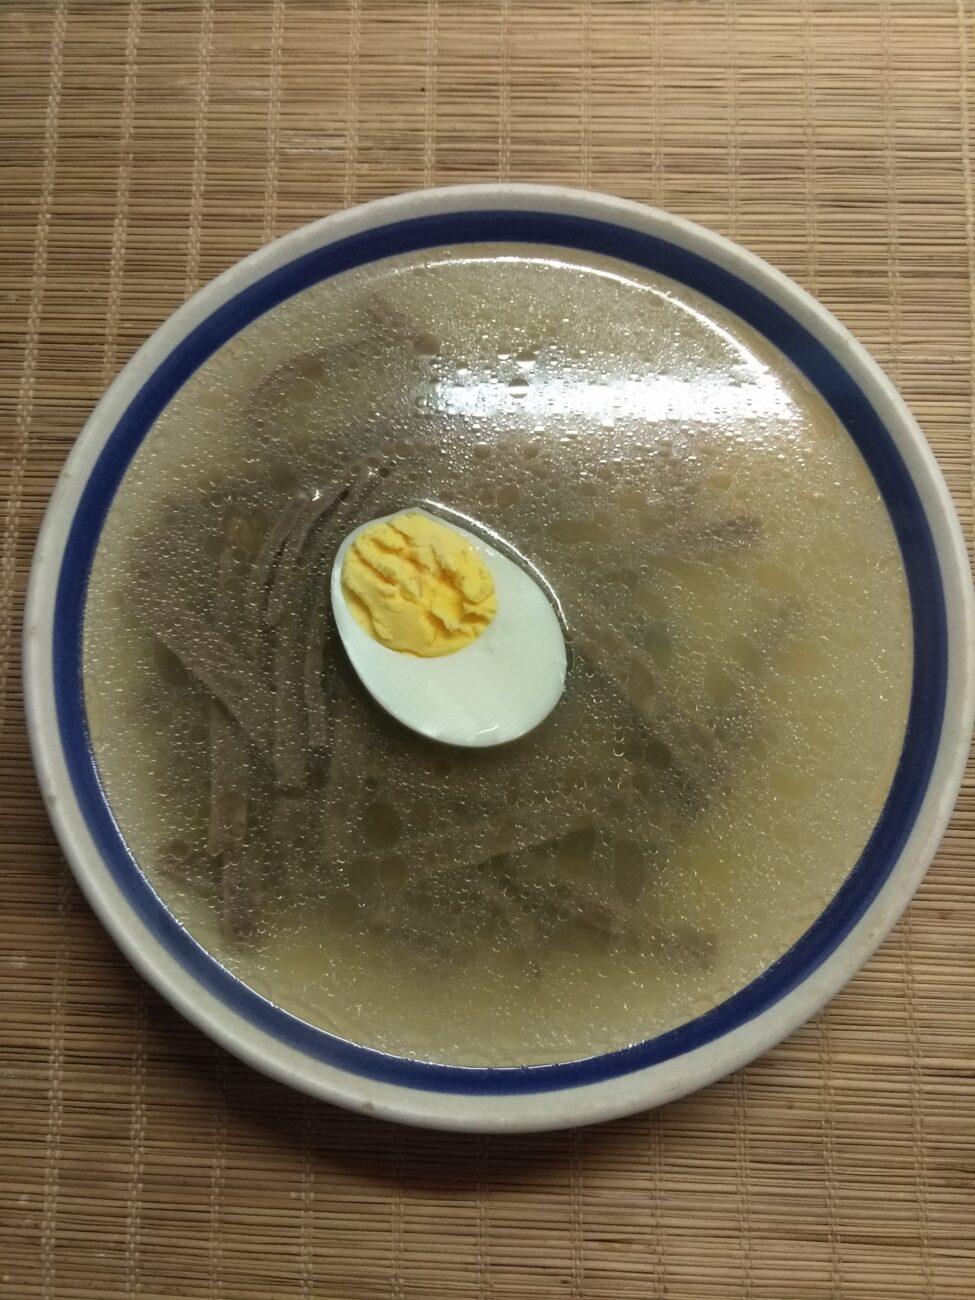 Суп на рыбном бульоне с лапшой из льняной муки и яйцом